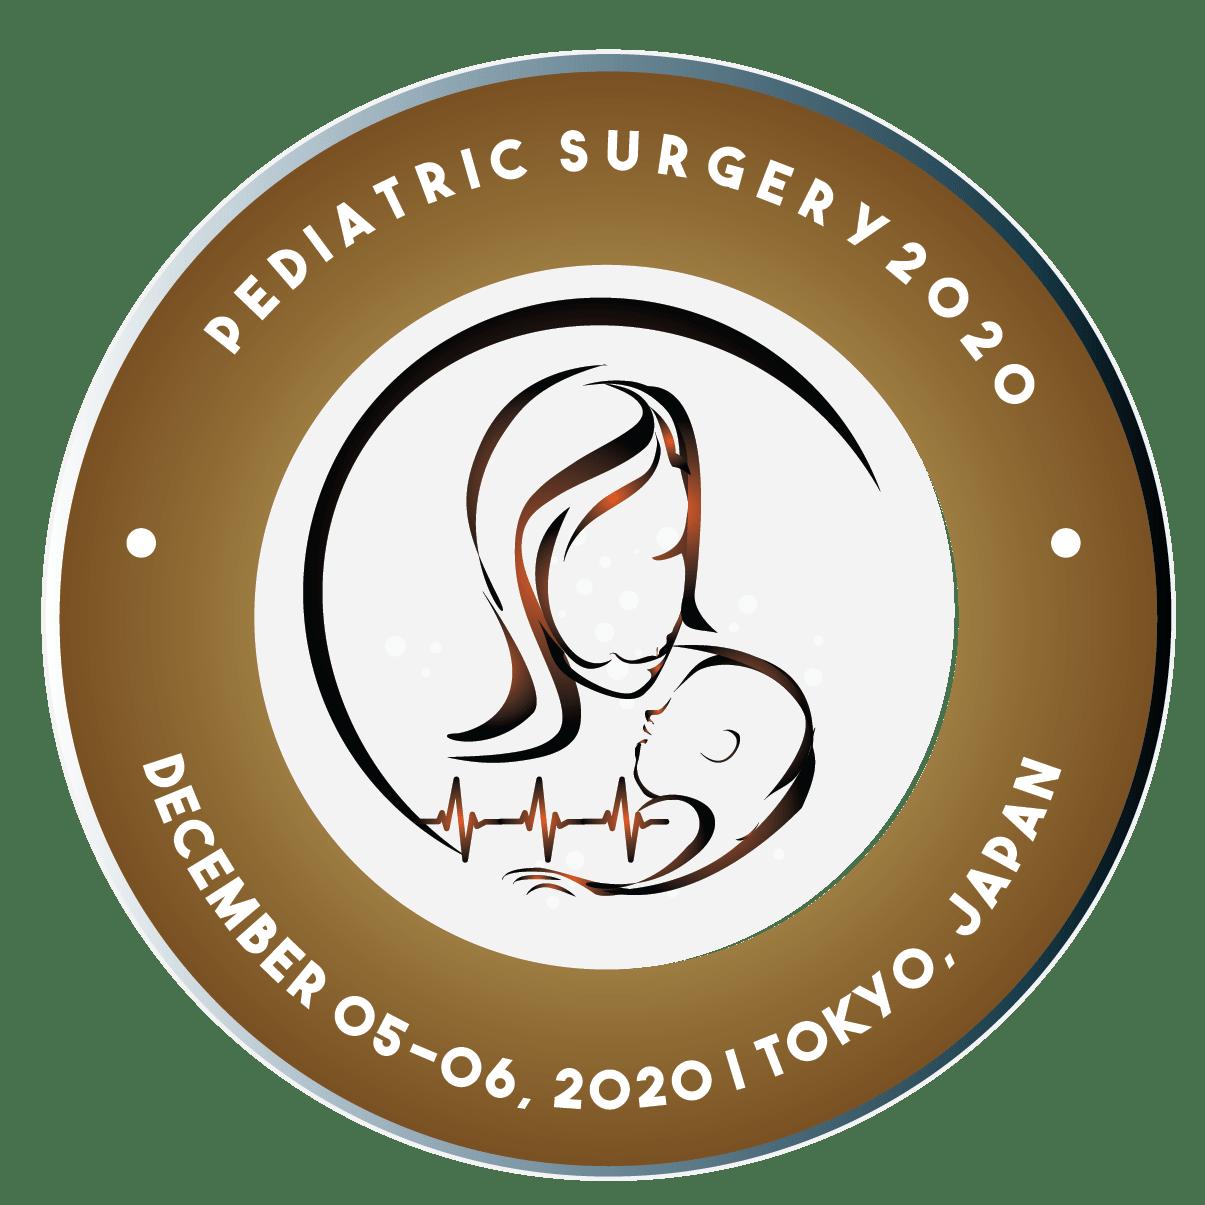 Pediatric Surgery 2021 Pediatric Surgery Webinar Pediatric Surgery Online Event Pediatrics Congress Pediatrics Event Pediatric Surgery Conference